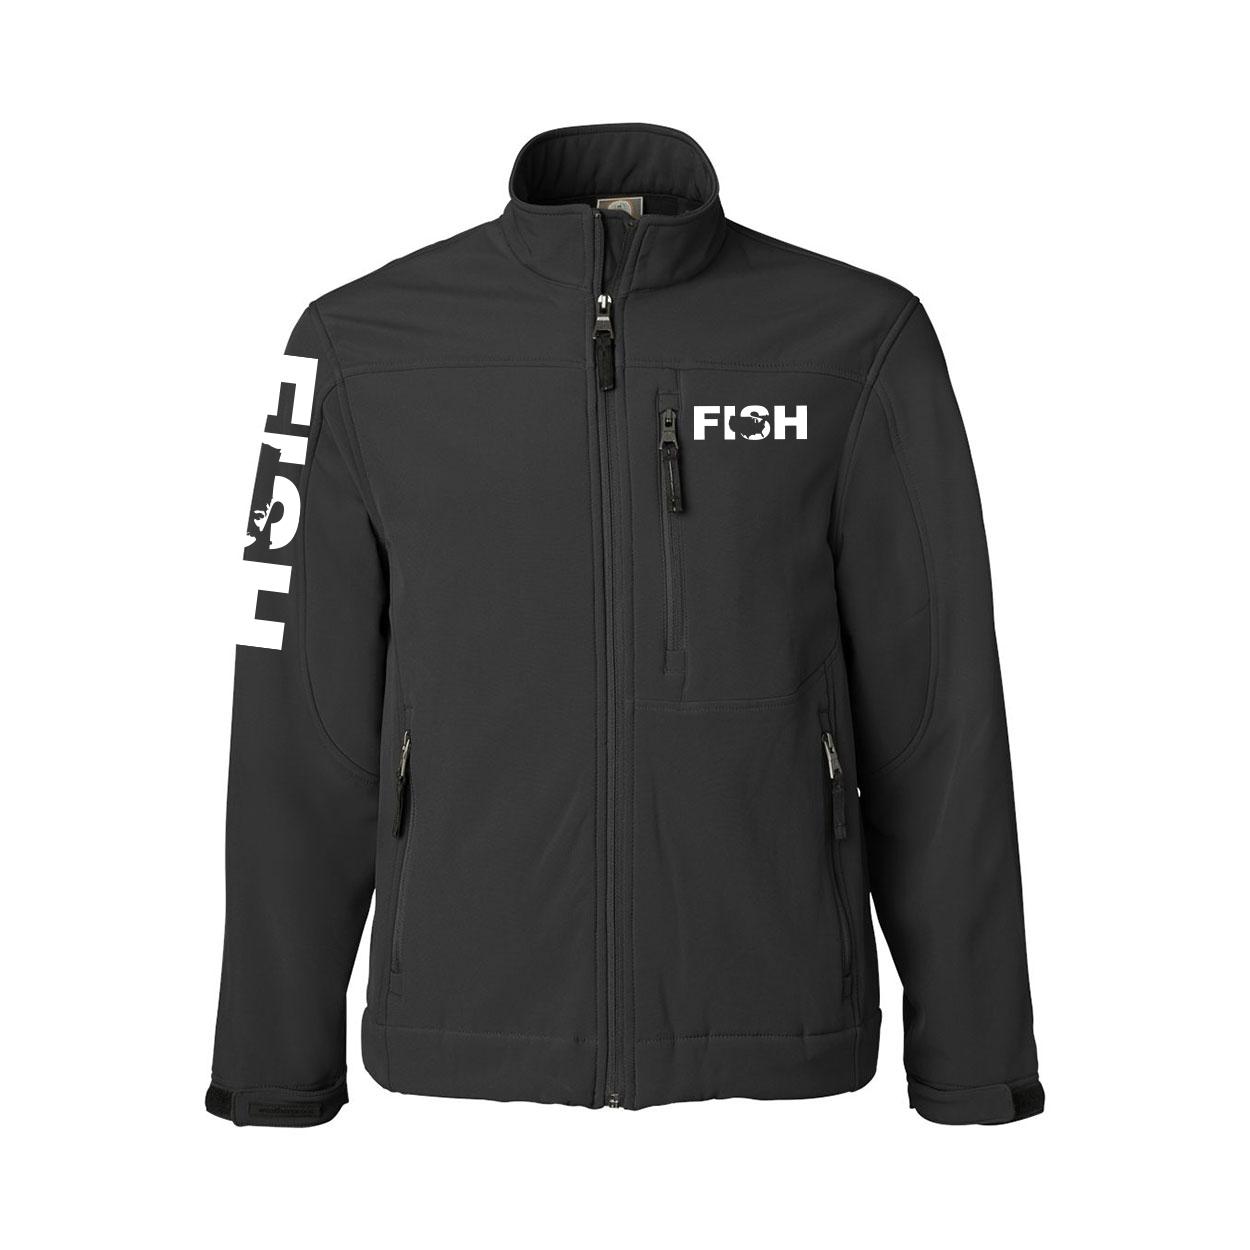 Fish United States Classic Soft Shell Weatherproof Jacket (White Logo)